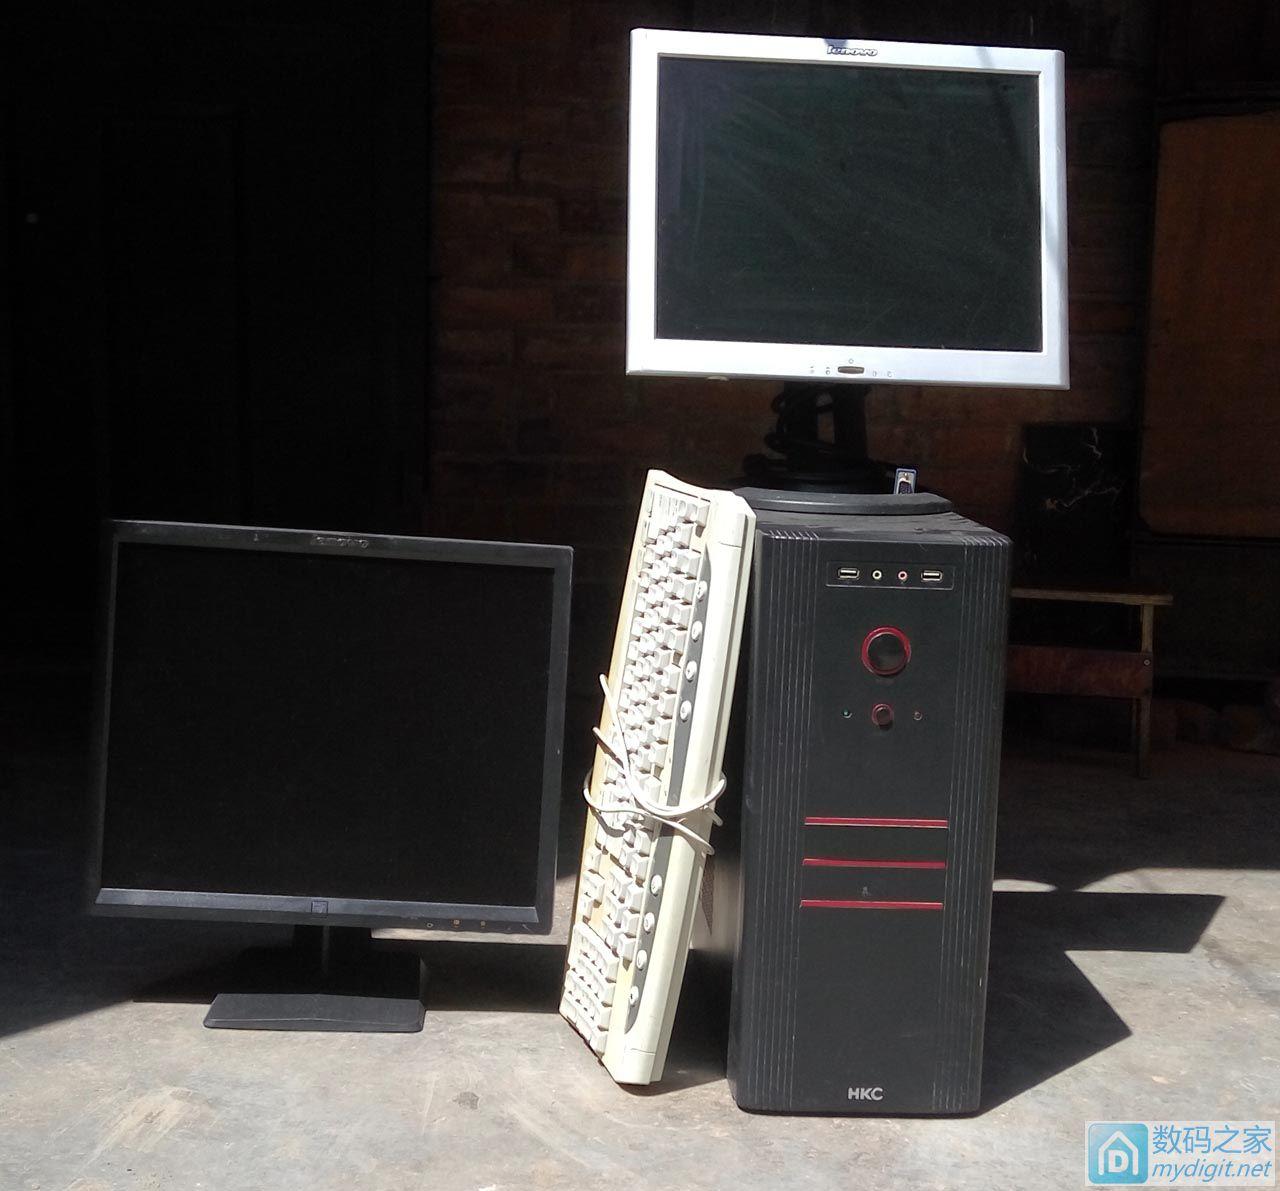 [郑州]更新!出显示器,手机,电脑电源,音箱,扫描枪,微波炉变压器等